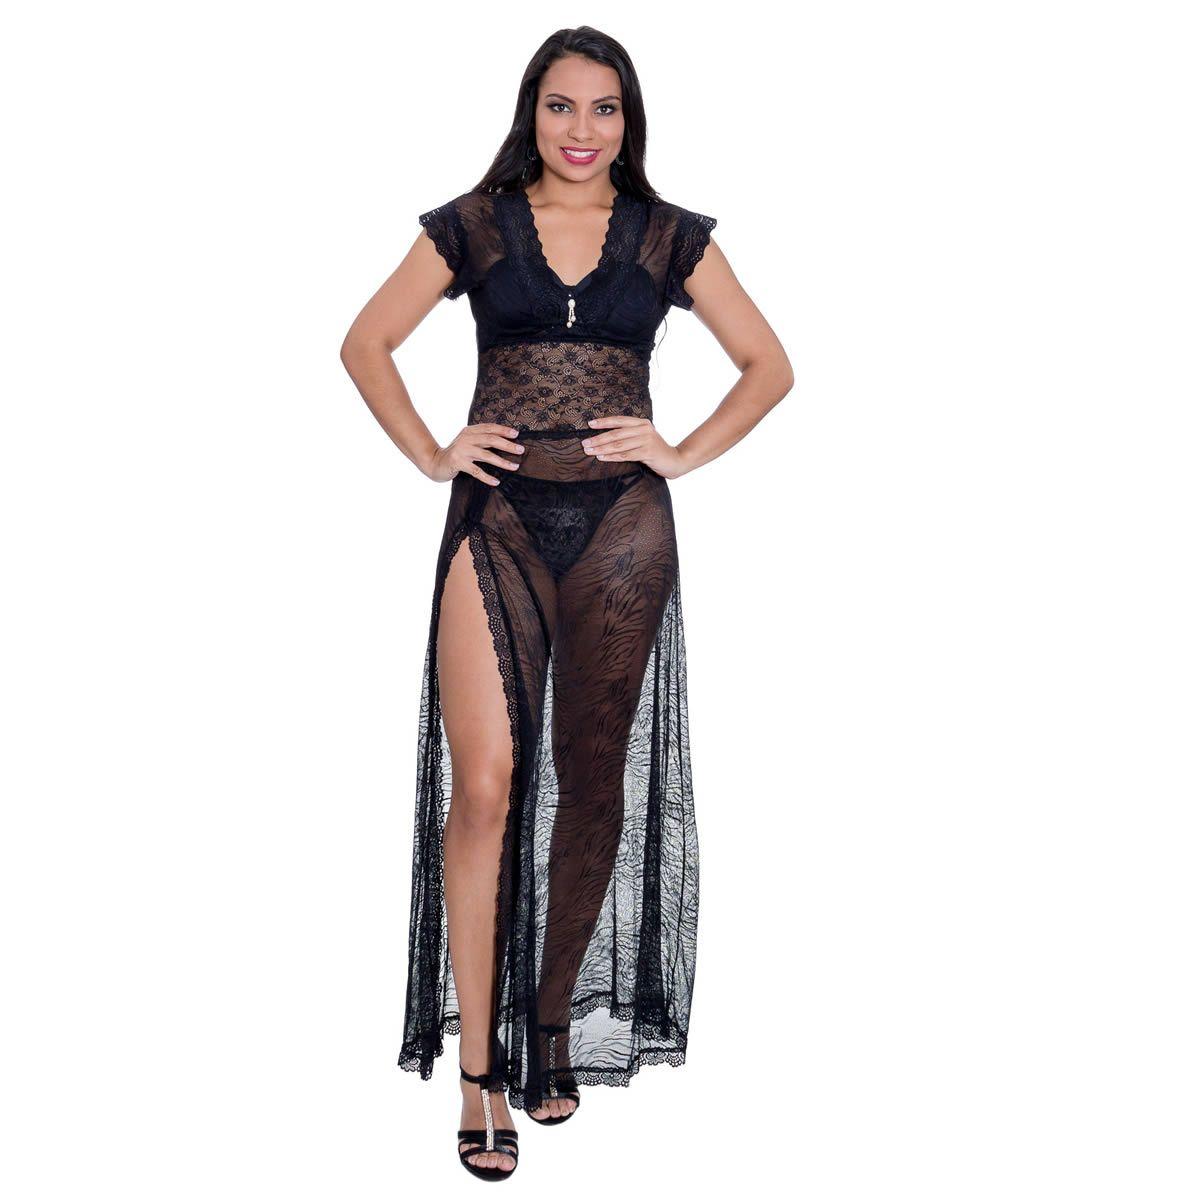 Camisola Longa Preta em Renda Transparente  com Calcinha Magic - YMC02